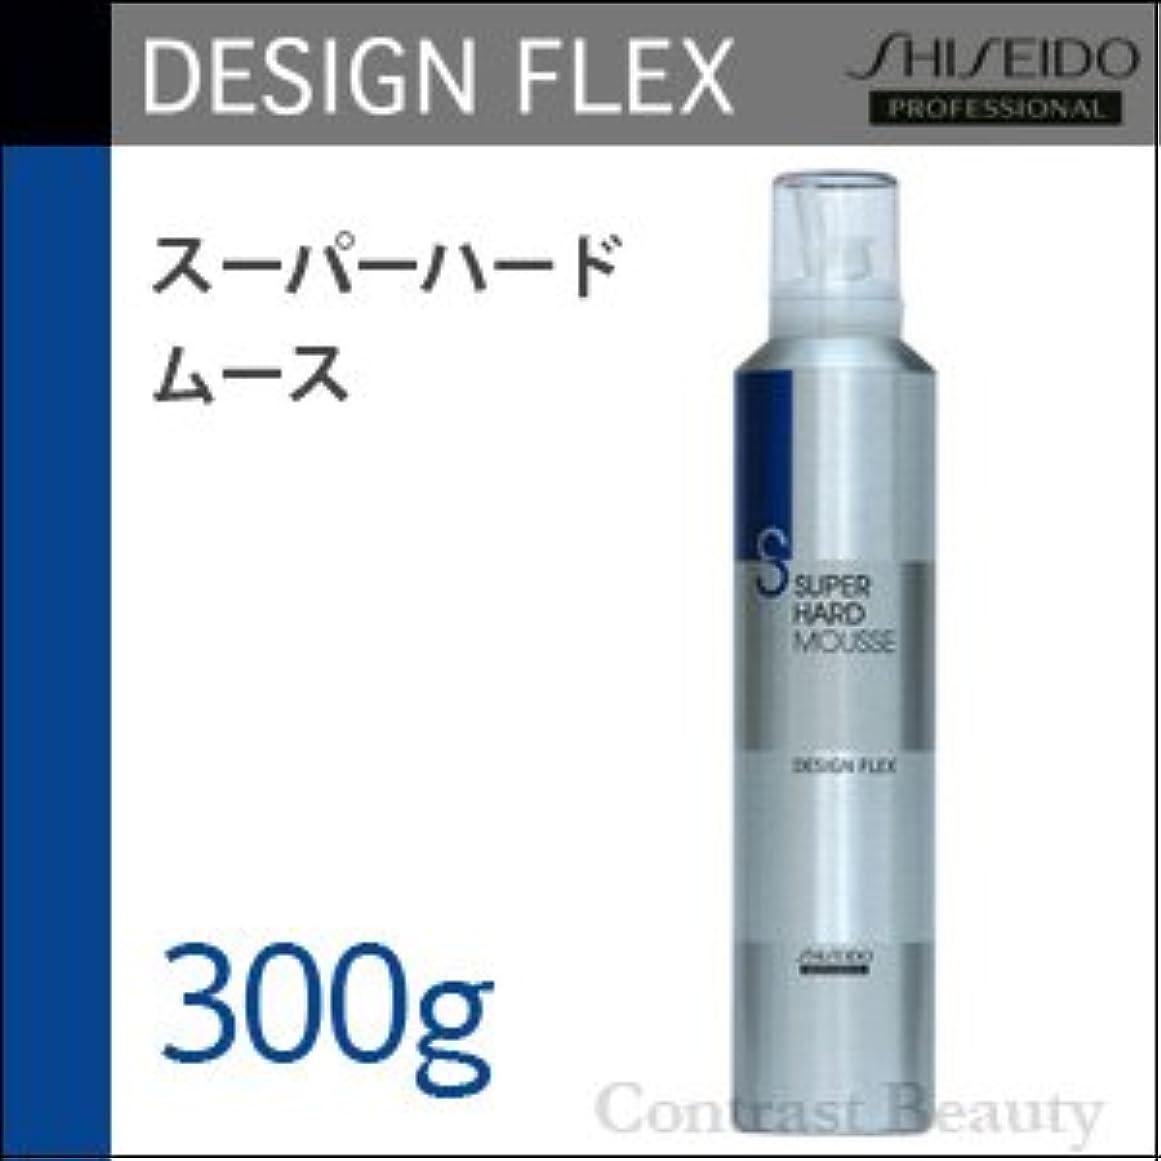 達成ライム発信【x2個セット】 資生堂 デザインフレックス スーパーハードムース 300g